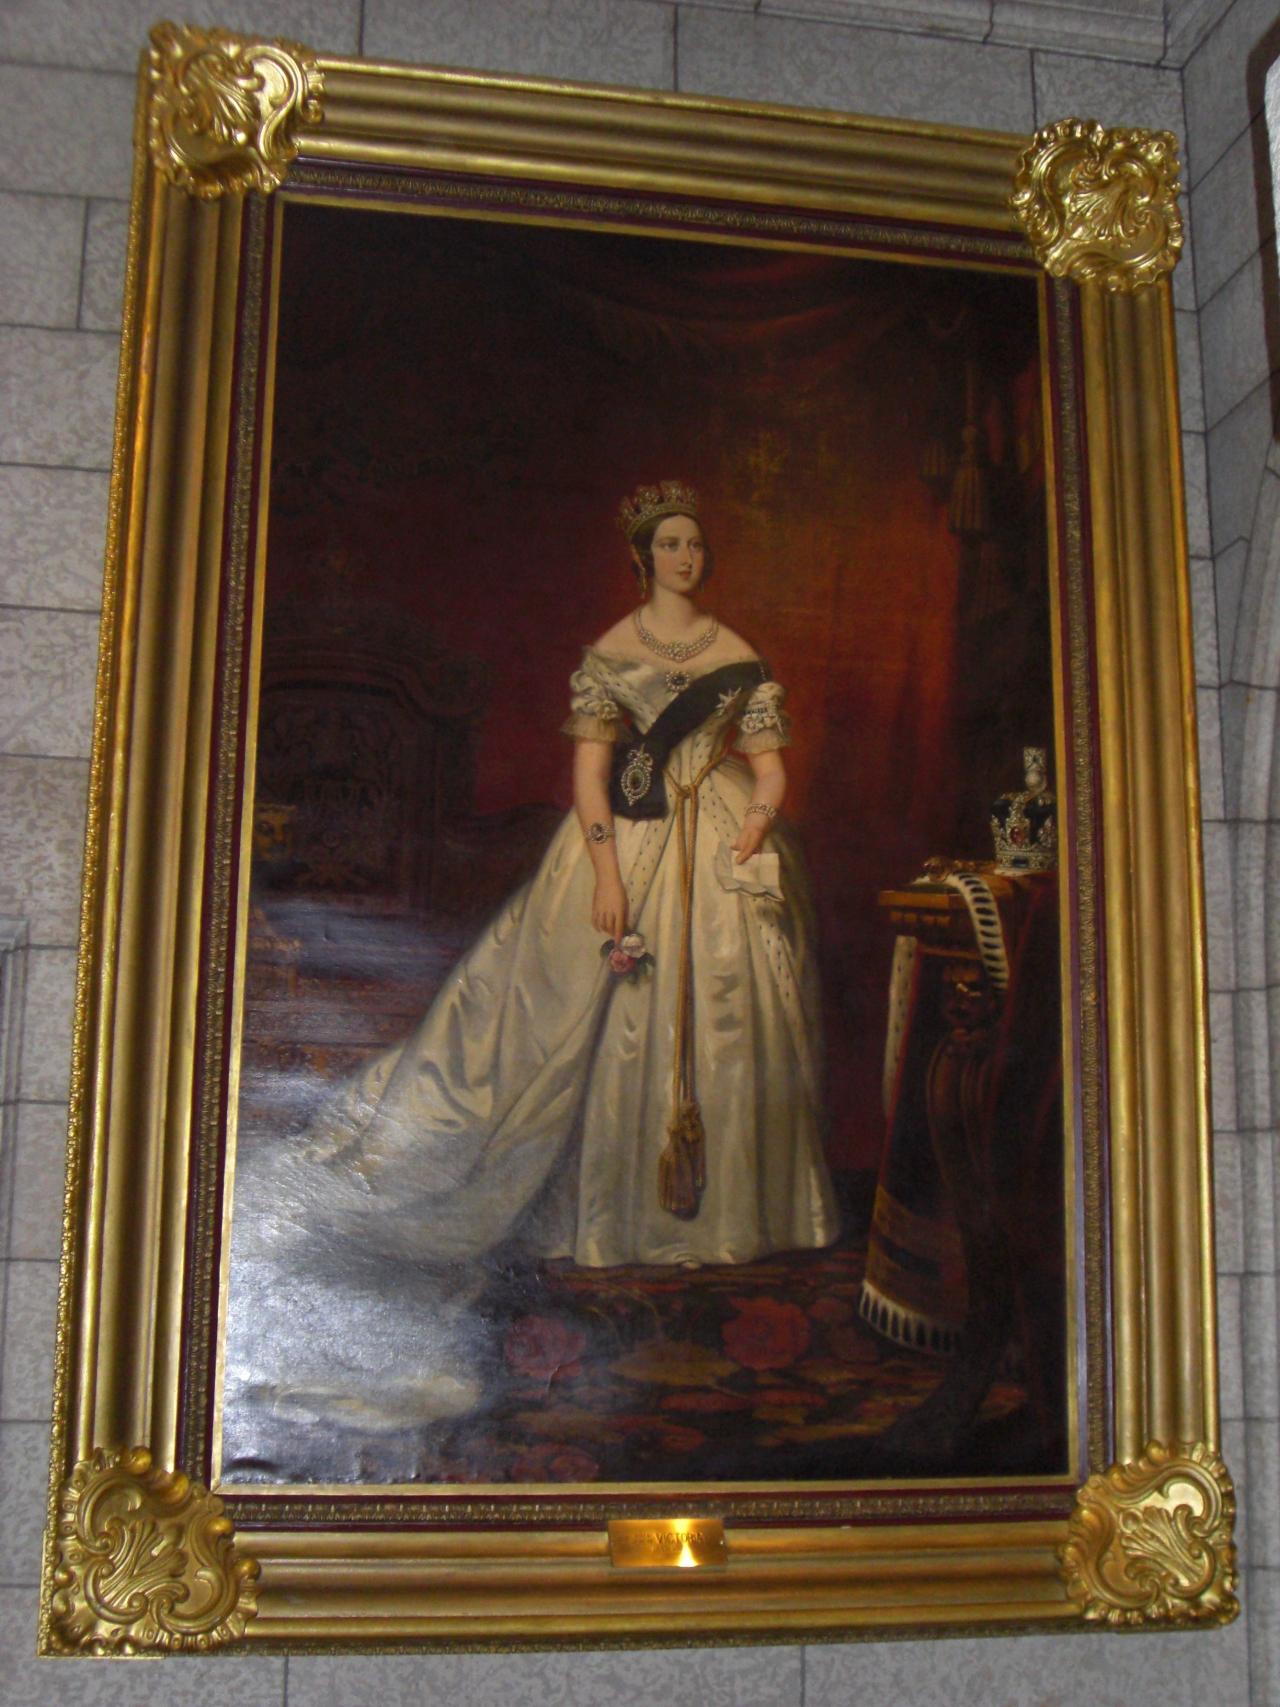 Die Königin mag das Bild nicht und hat es deshalb den Kanadiern geschenkt. Und was machen die? Riskieren ihr Leben, um es aus einem Feuer zu retten.